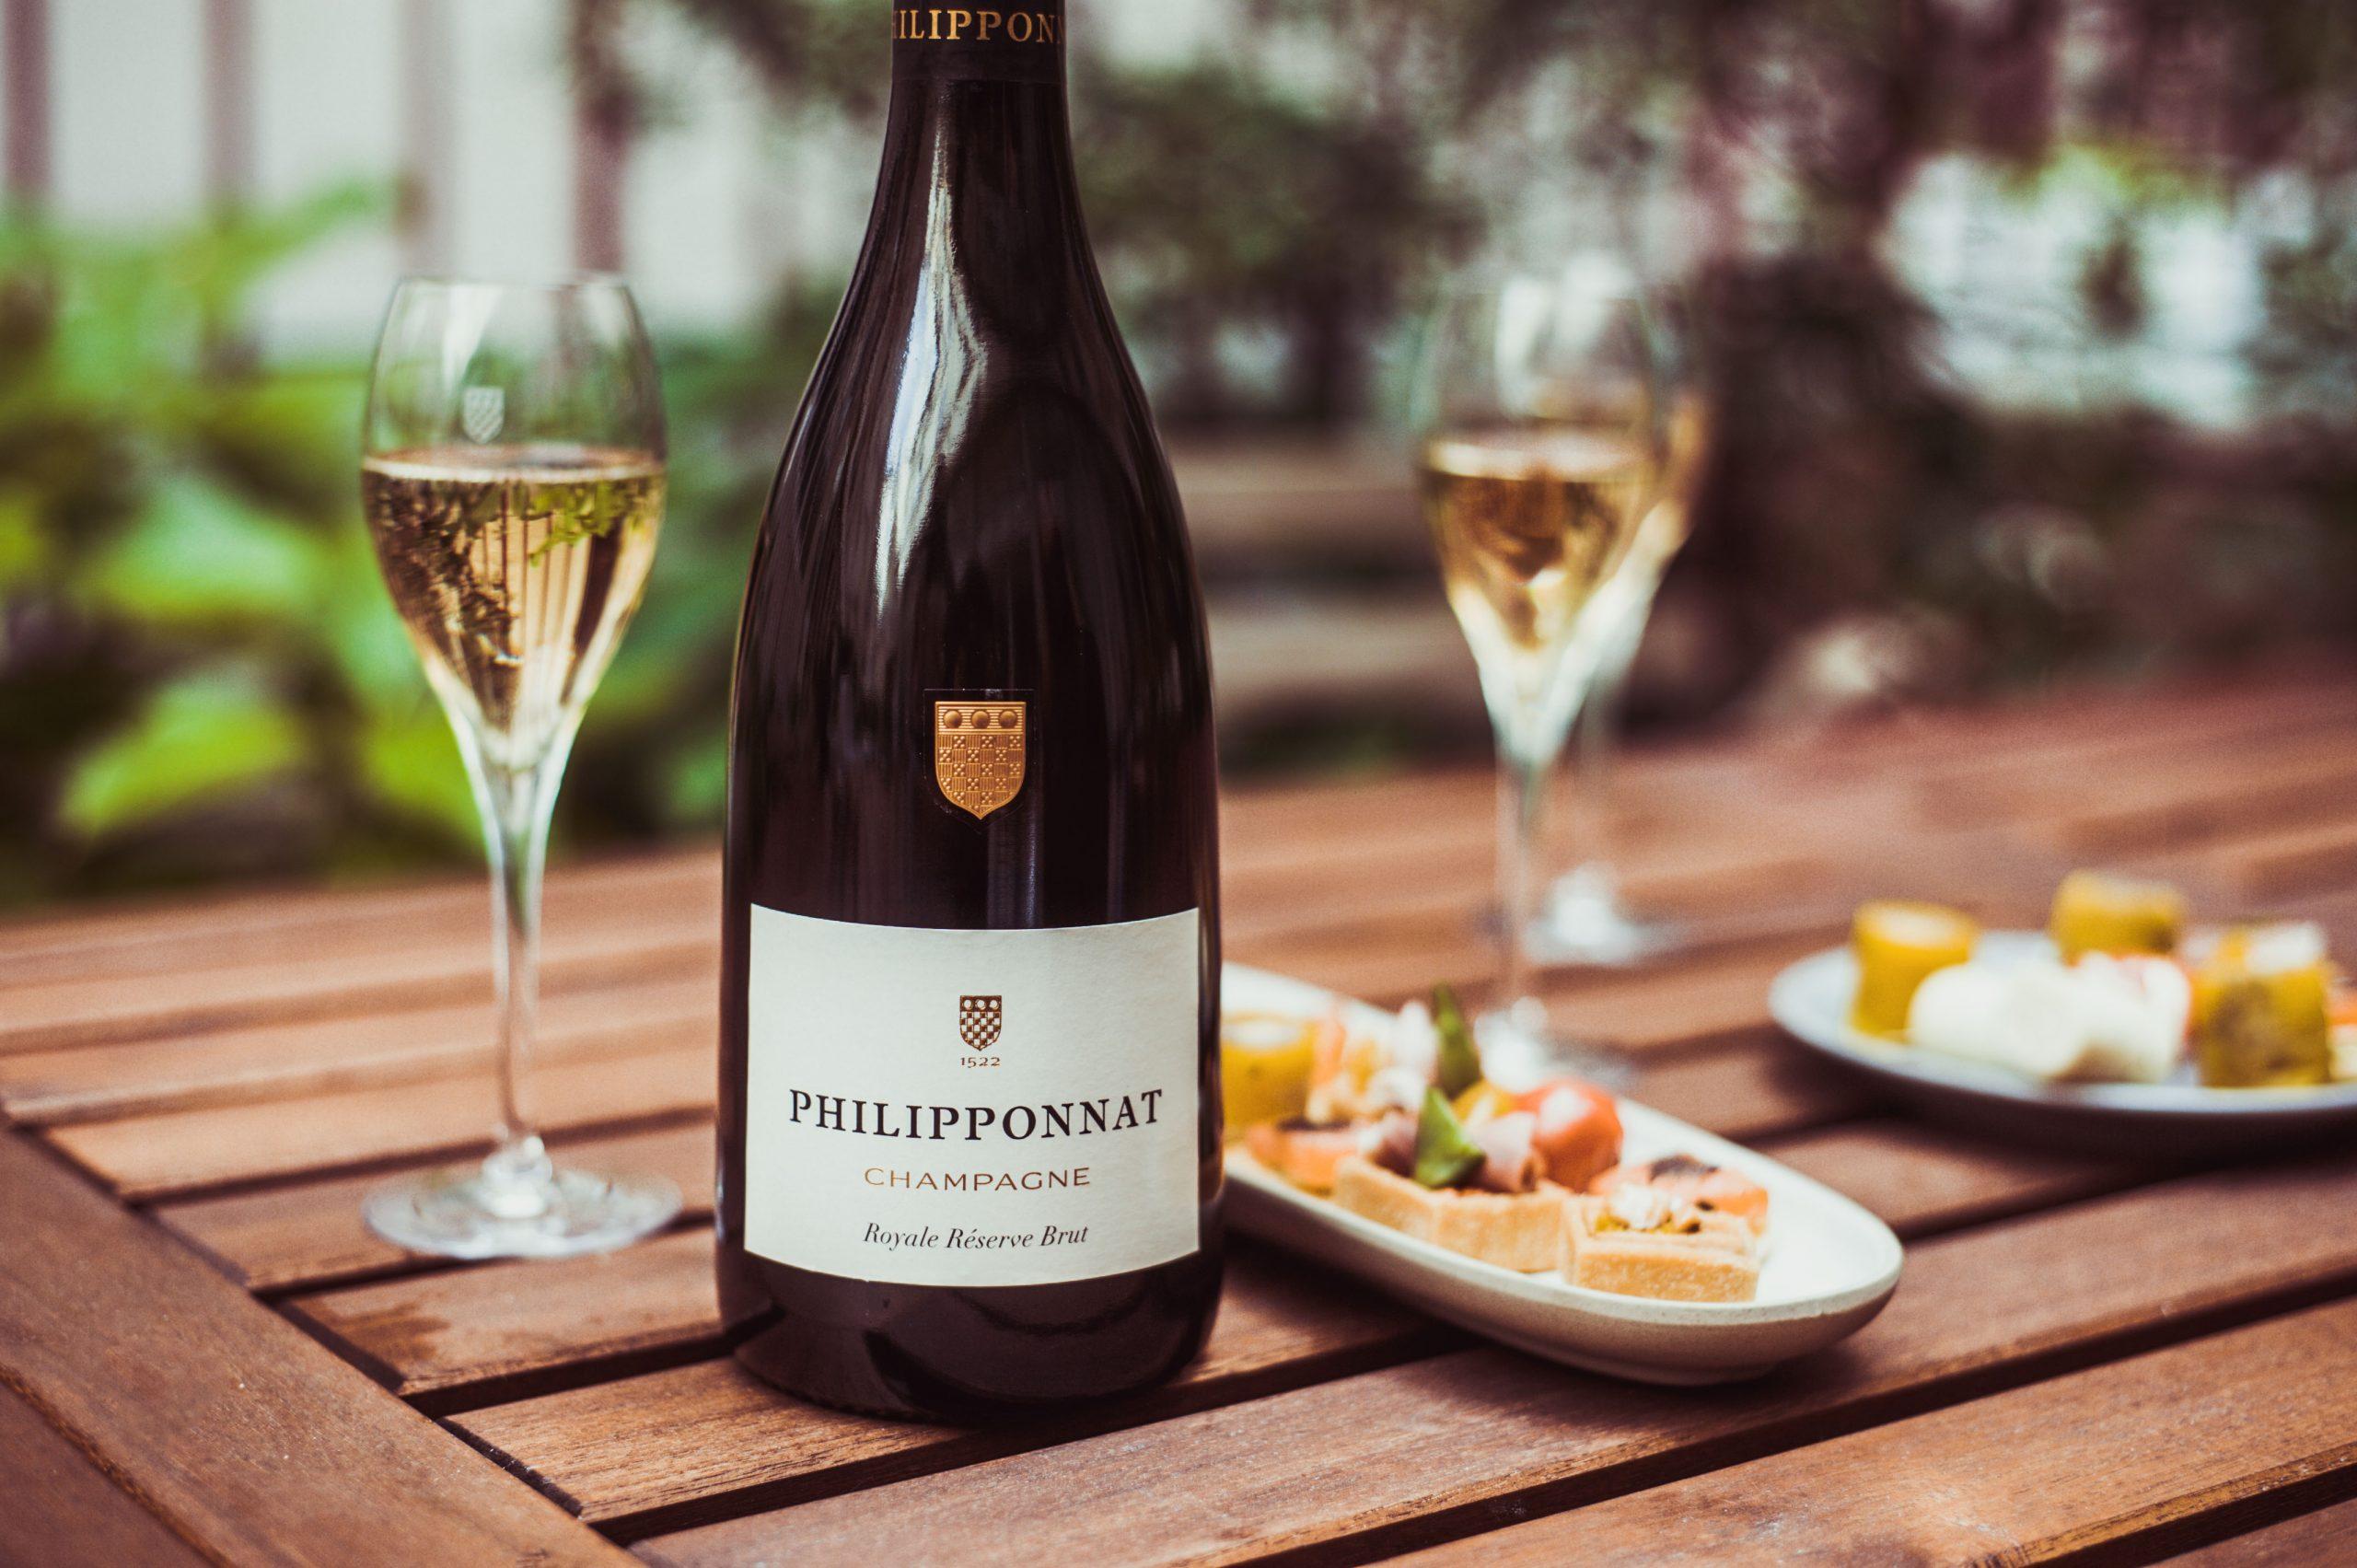 Royale Réserve Brut - Champagne Philipponnat